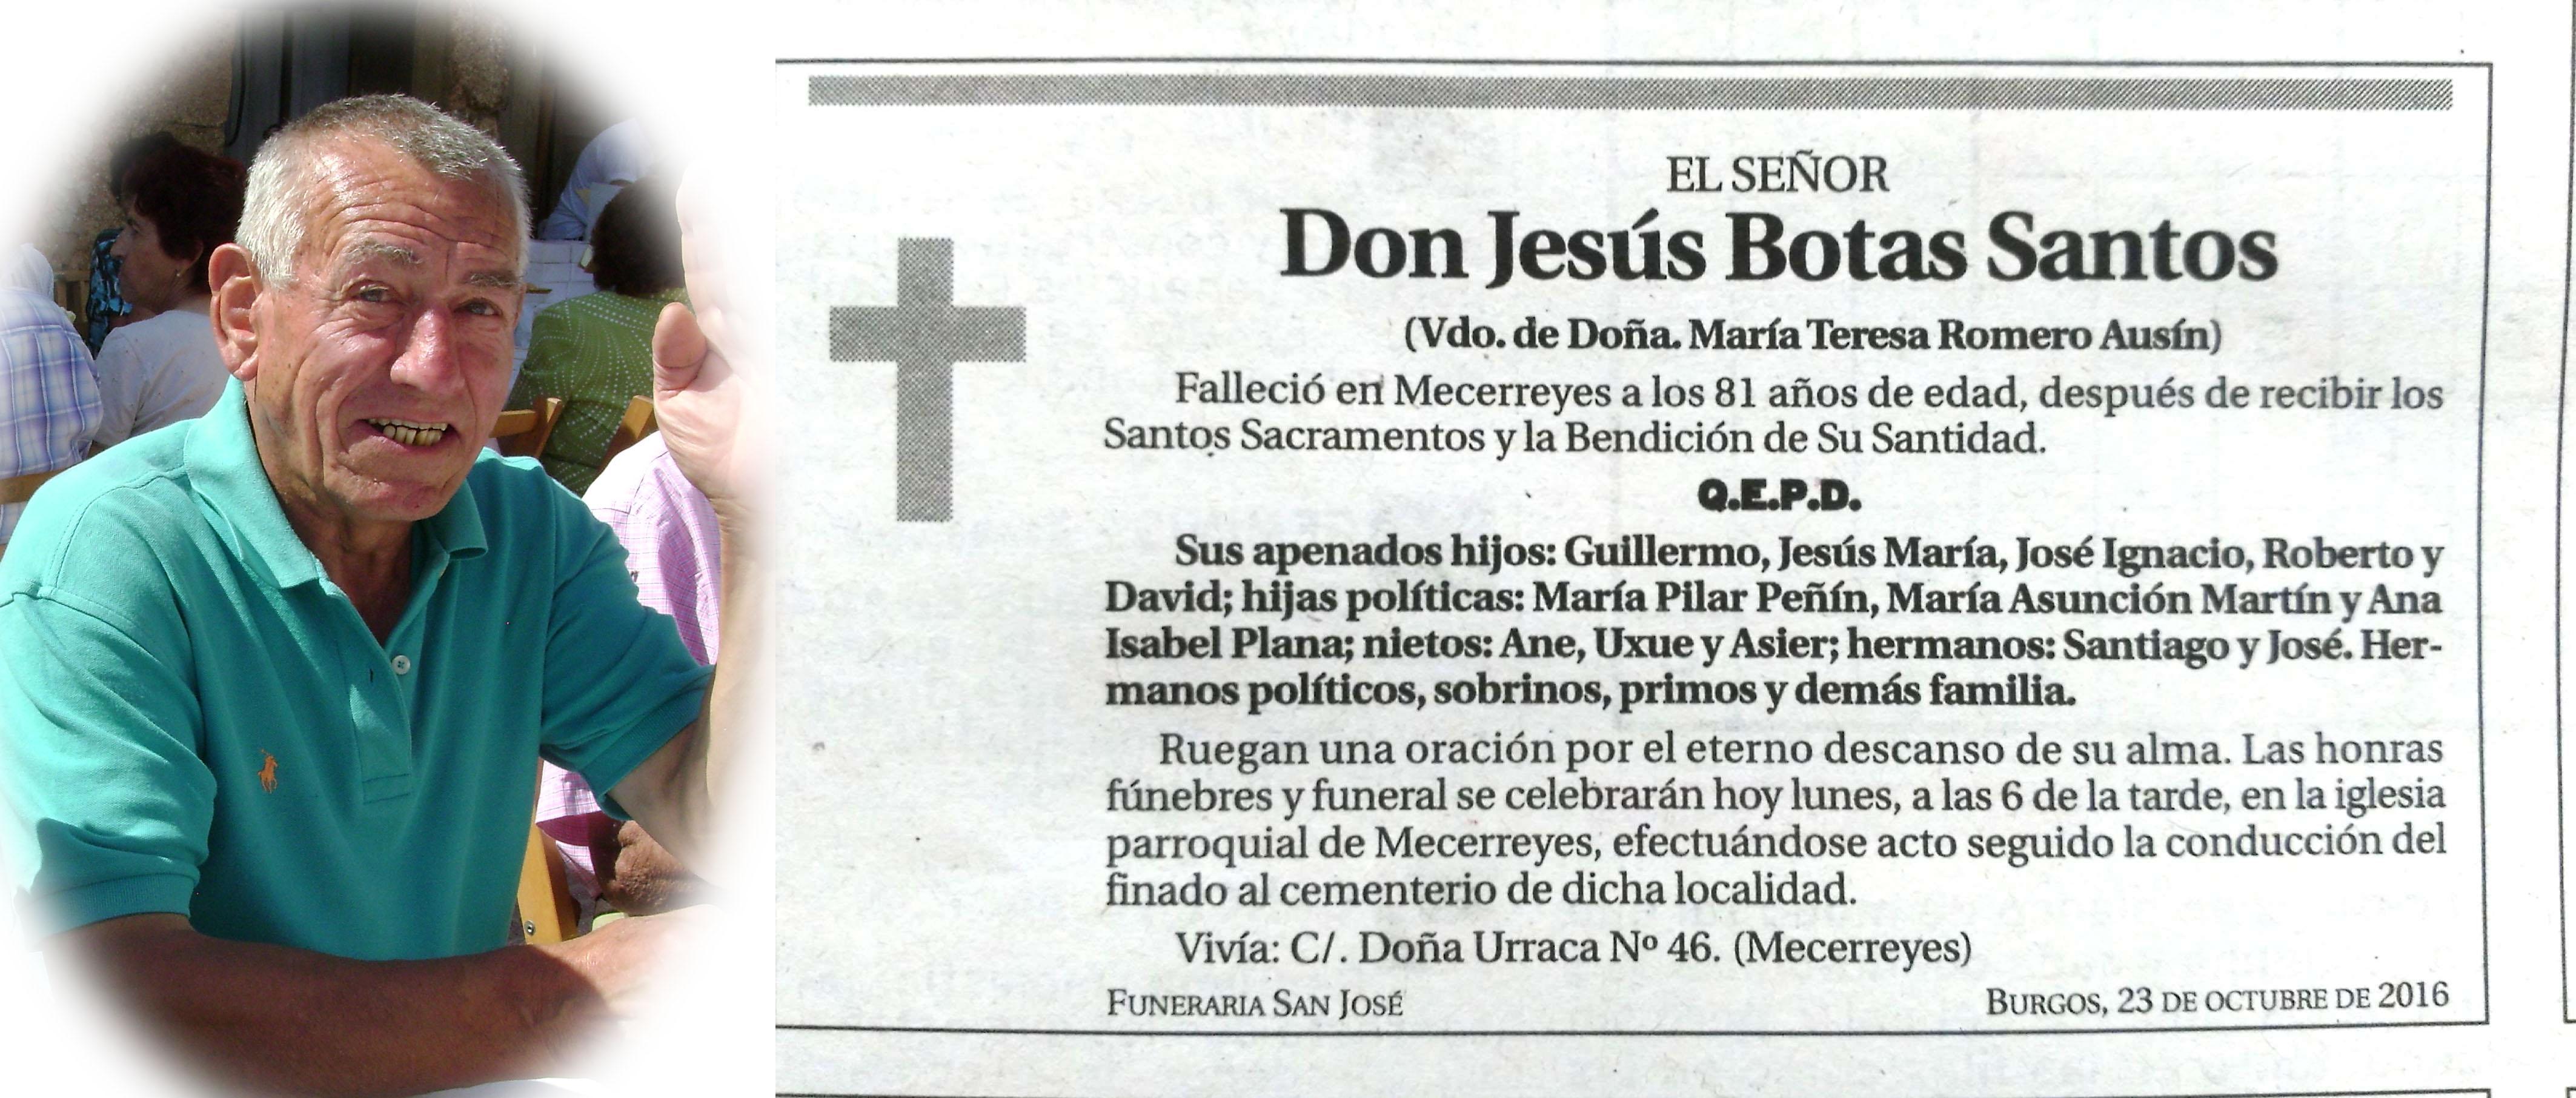 Jesús Botas Santos, falleció en Mecerreyes el 21 oct 2016 a los 81 años